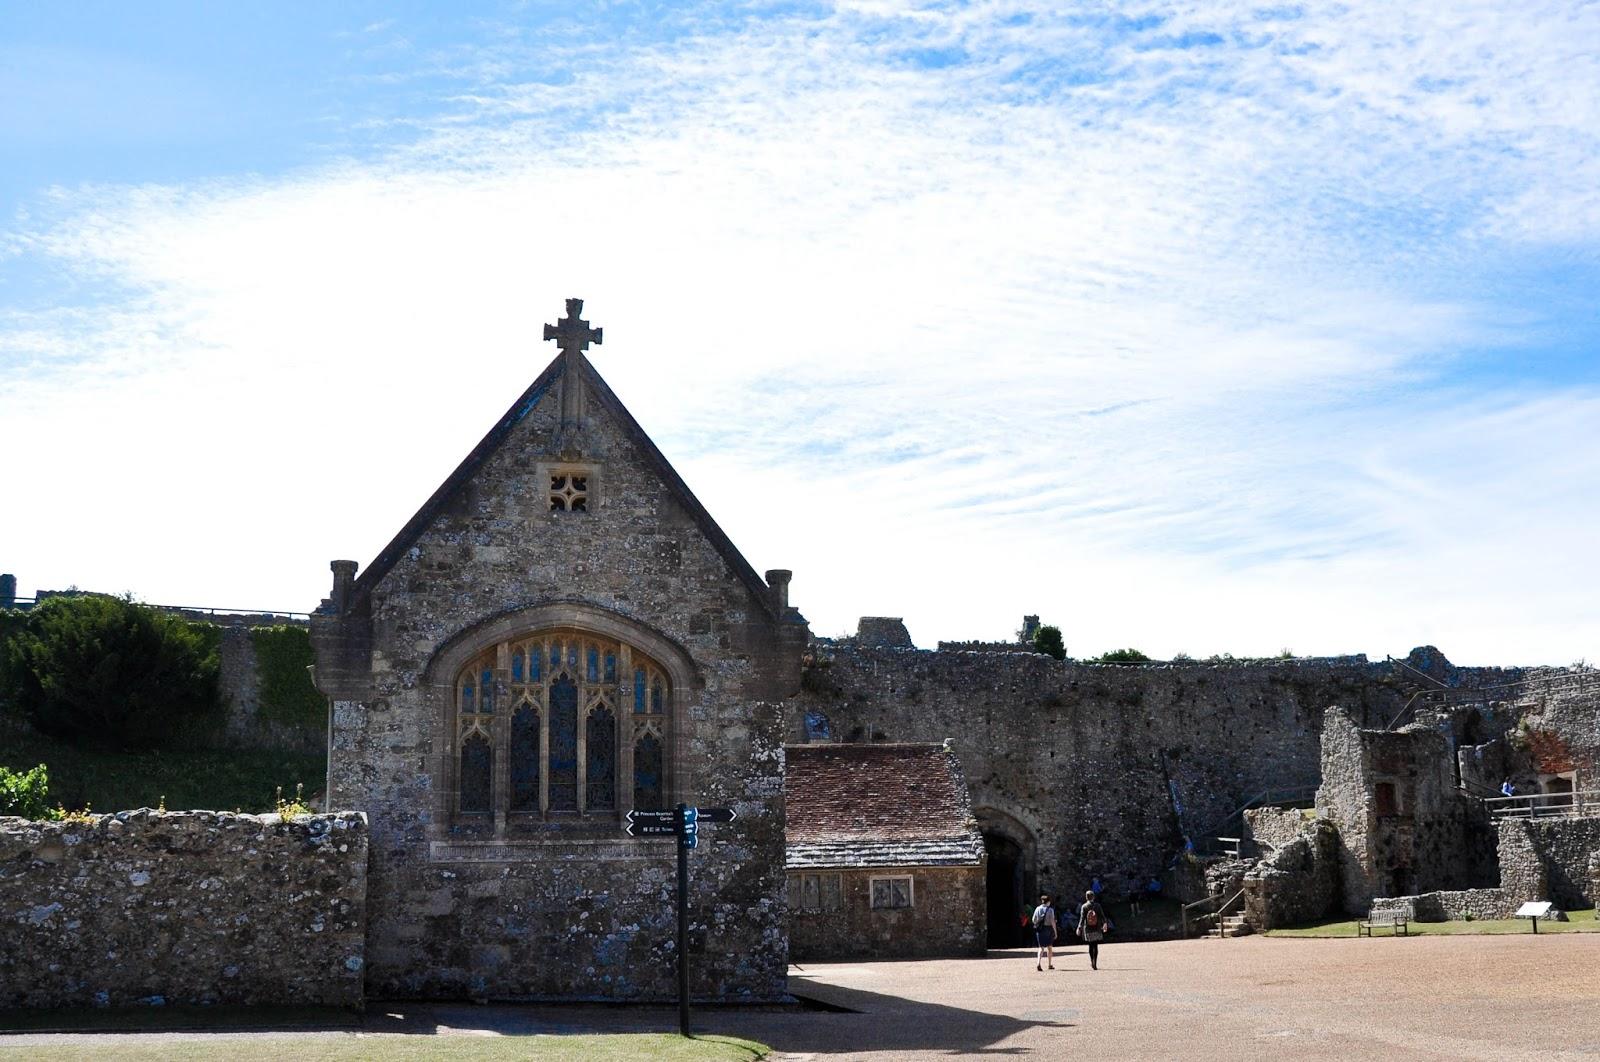 Inside the castle walls, Carisbrook Castle, Isle of Wight, UK-2